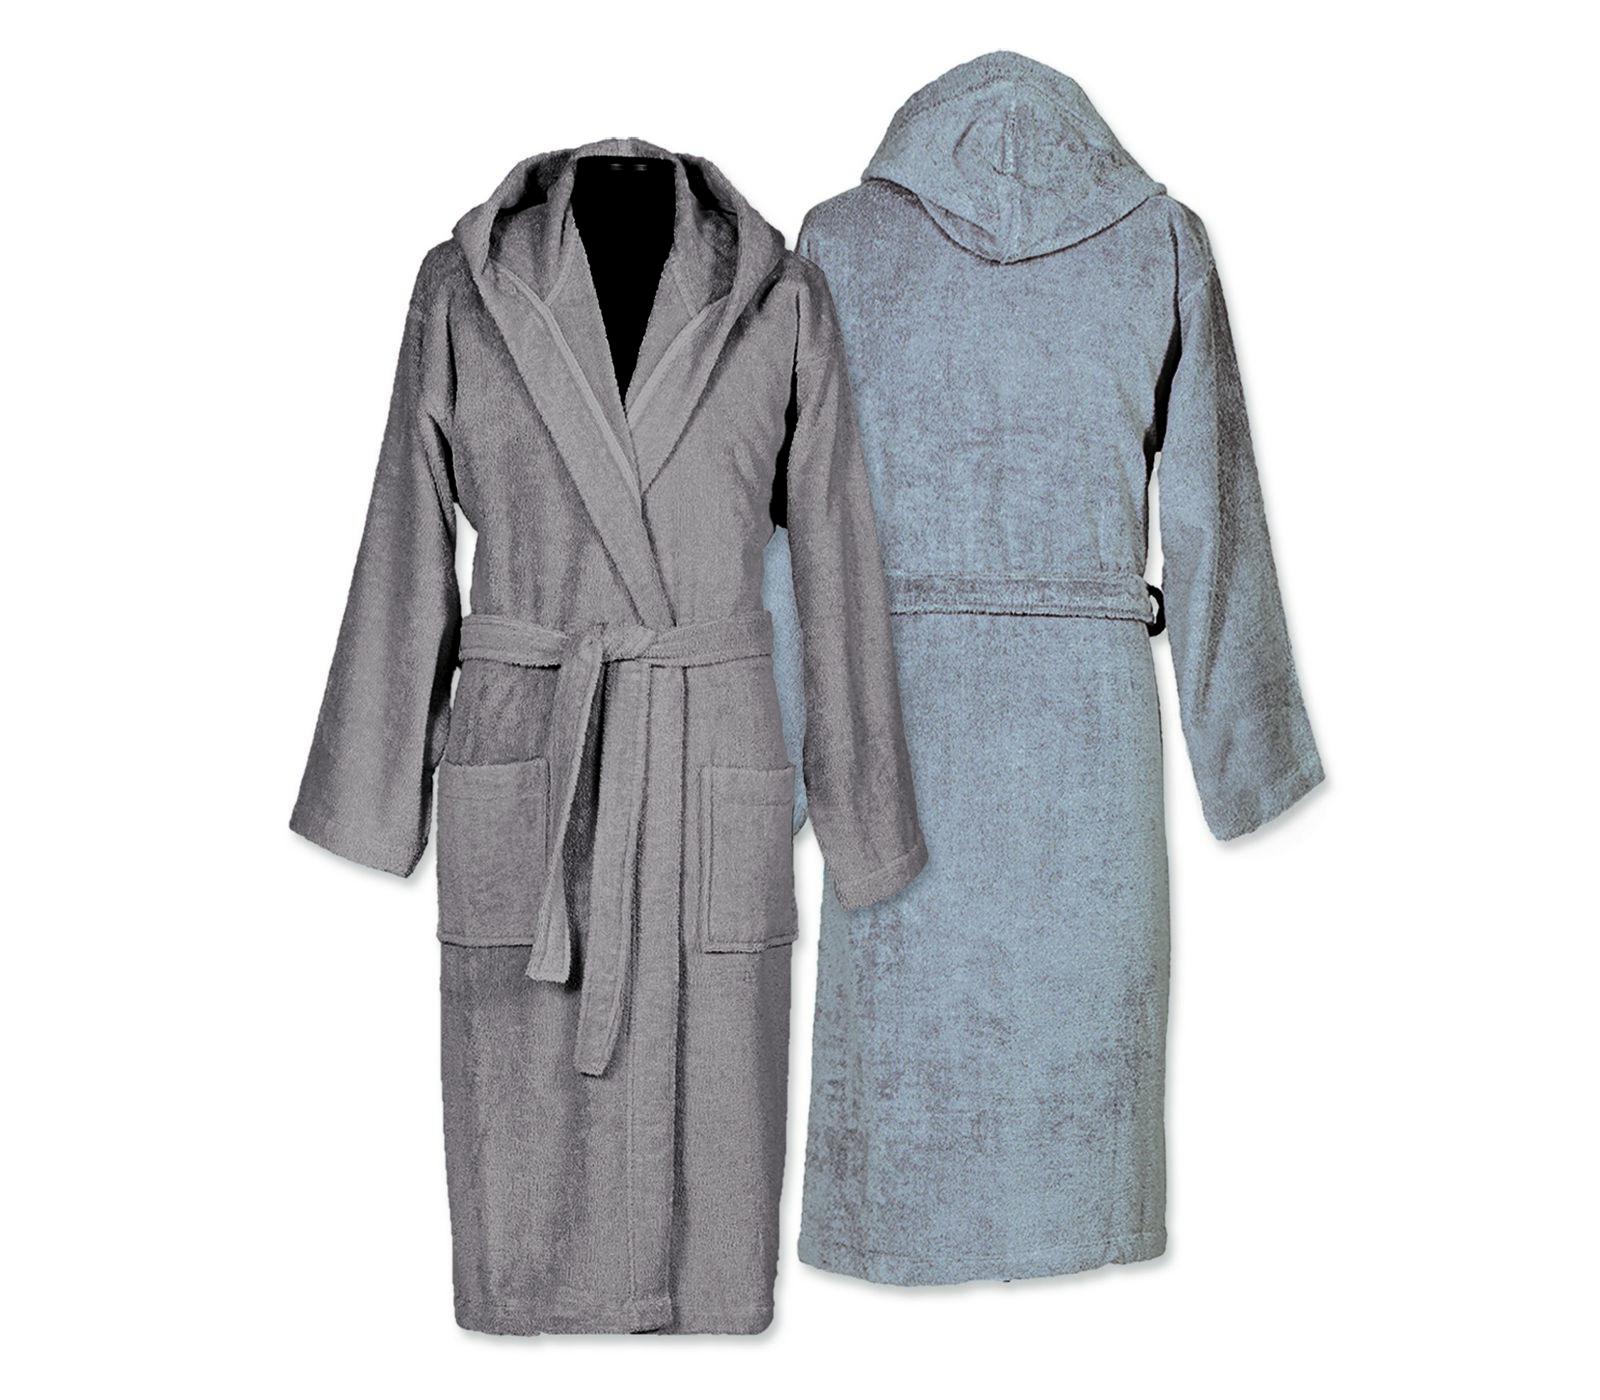 Μπουρνούζι Με Κουκούλα Small Nef Nef Comfort Grey